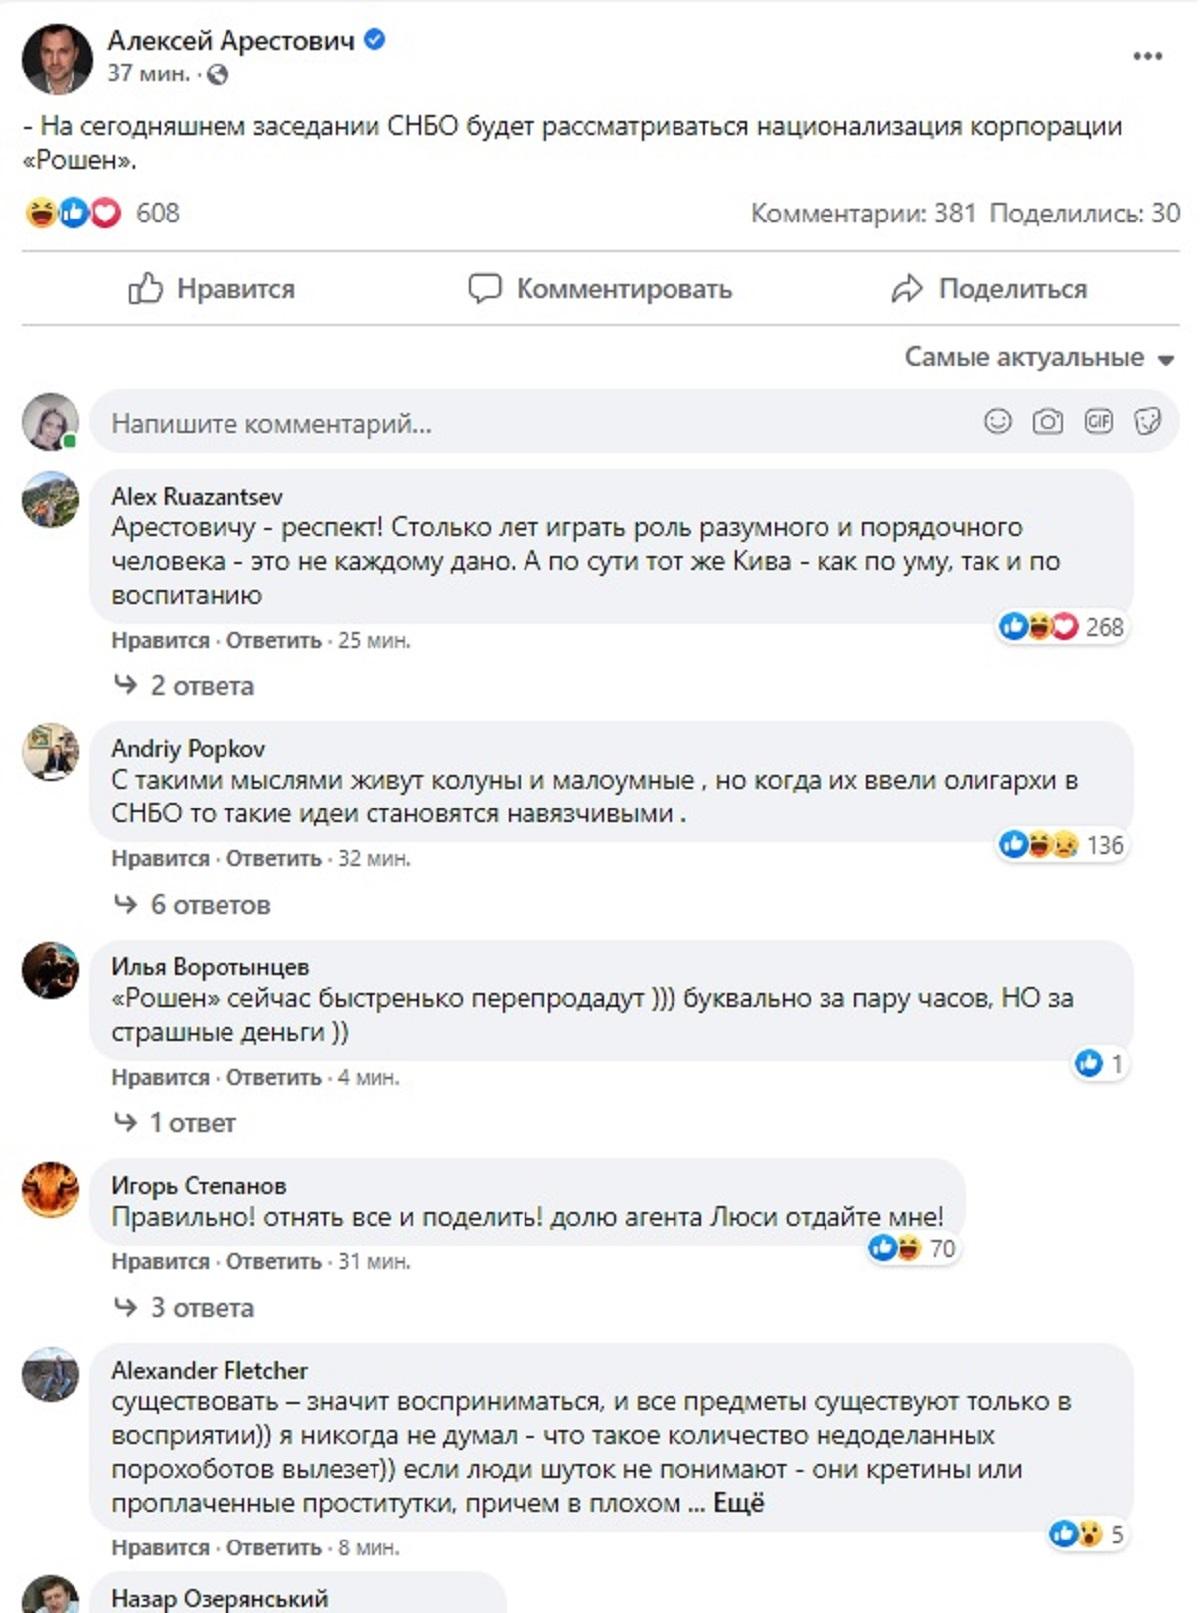 На сегодняшнем заседании СНБО будет рассматриваться национализация корпорации «Рошен» • Портал АНТИКОР